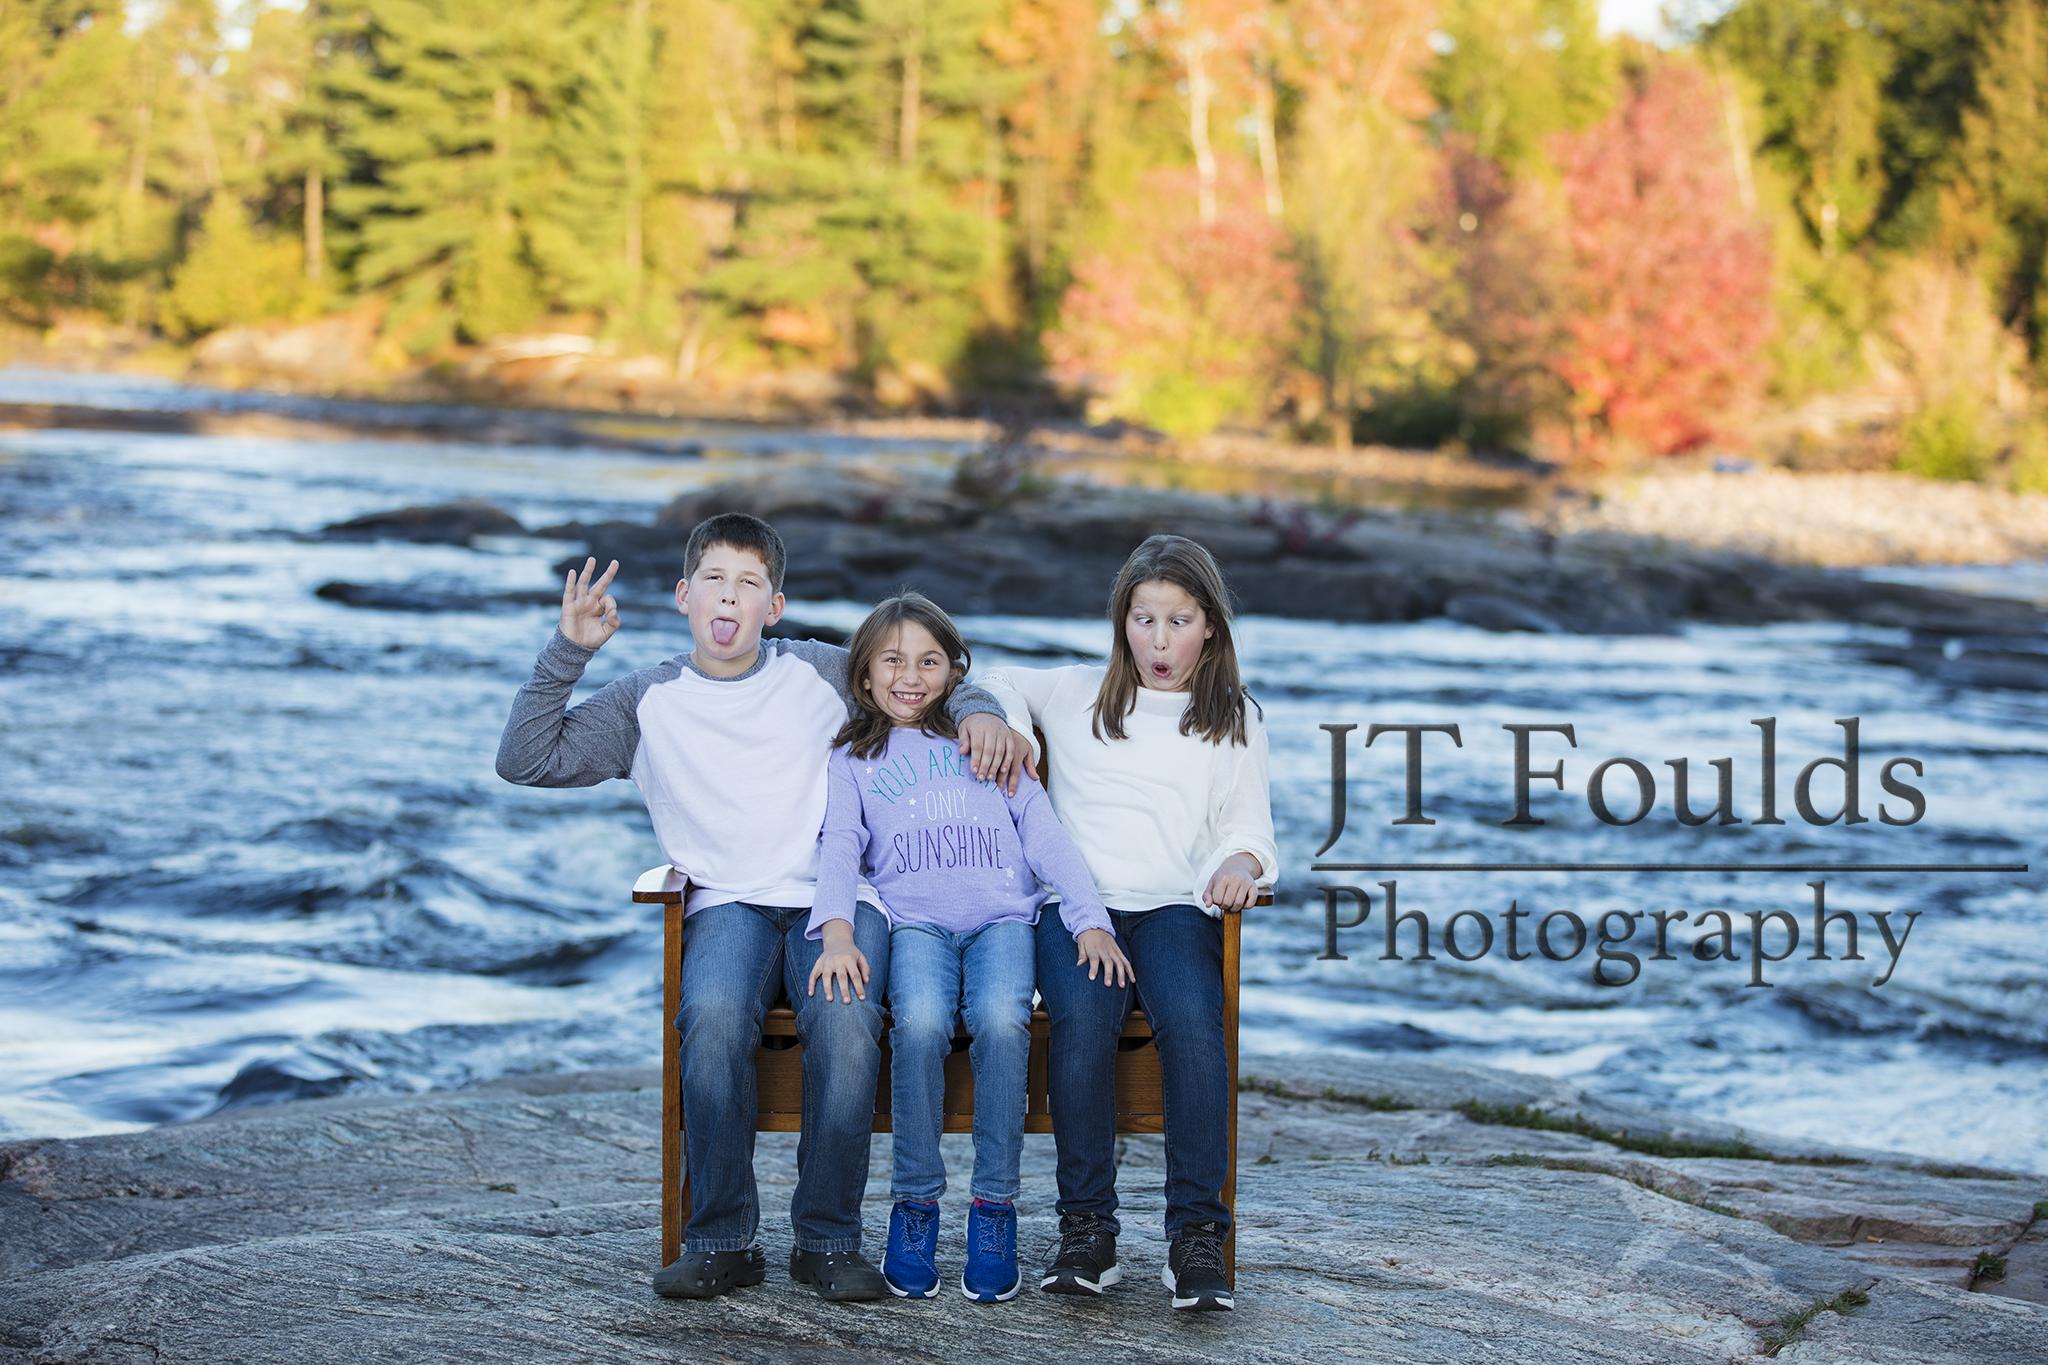 Gilbert & Dafoe Family Shoot - 06 Oct '17 - 014.JPG